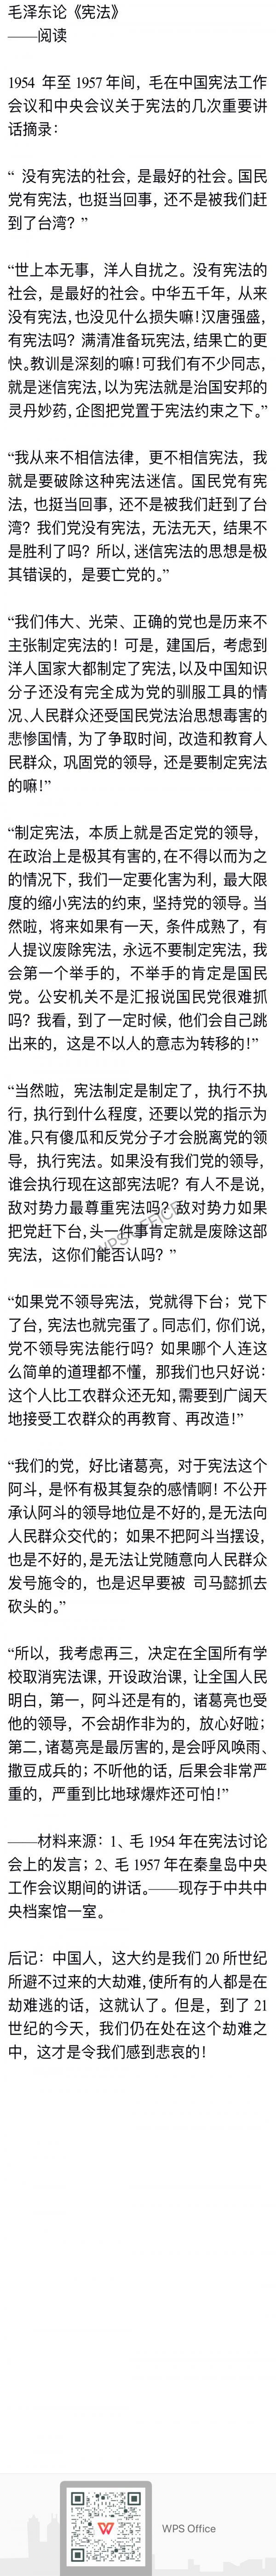 毛论宪法.jpg